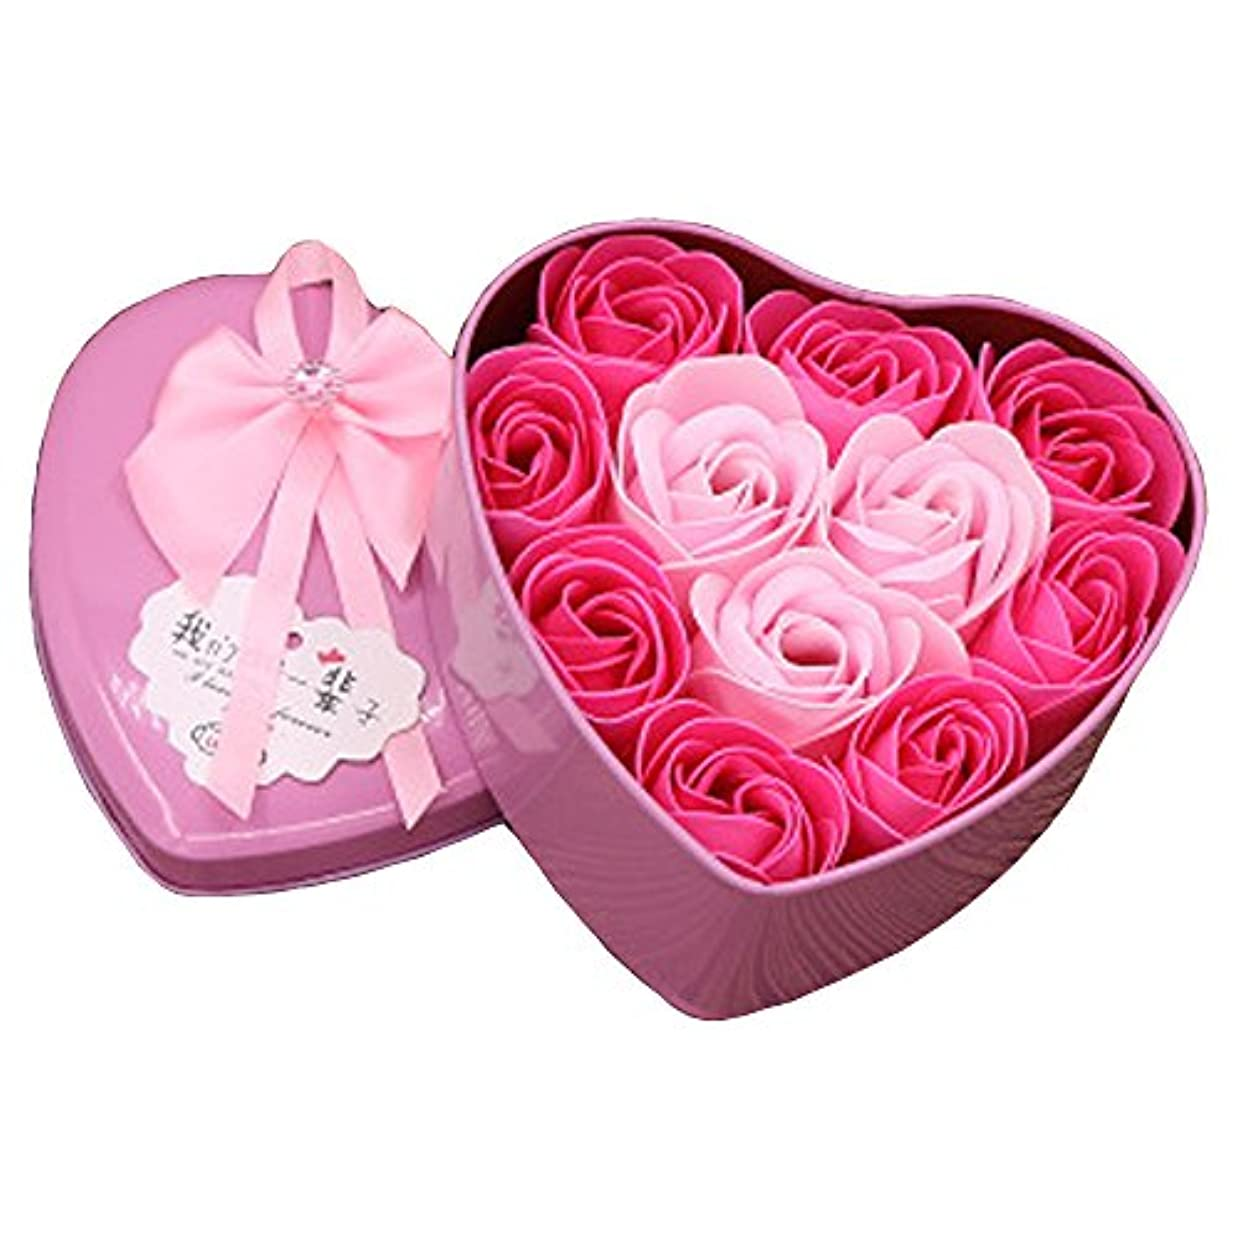 iCoole ソープフラワー 石鹸花 ハードフラワー形状 ギフトボックス入り 母の日 バレンタインデー お誕生日 ギフト